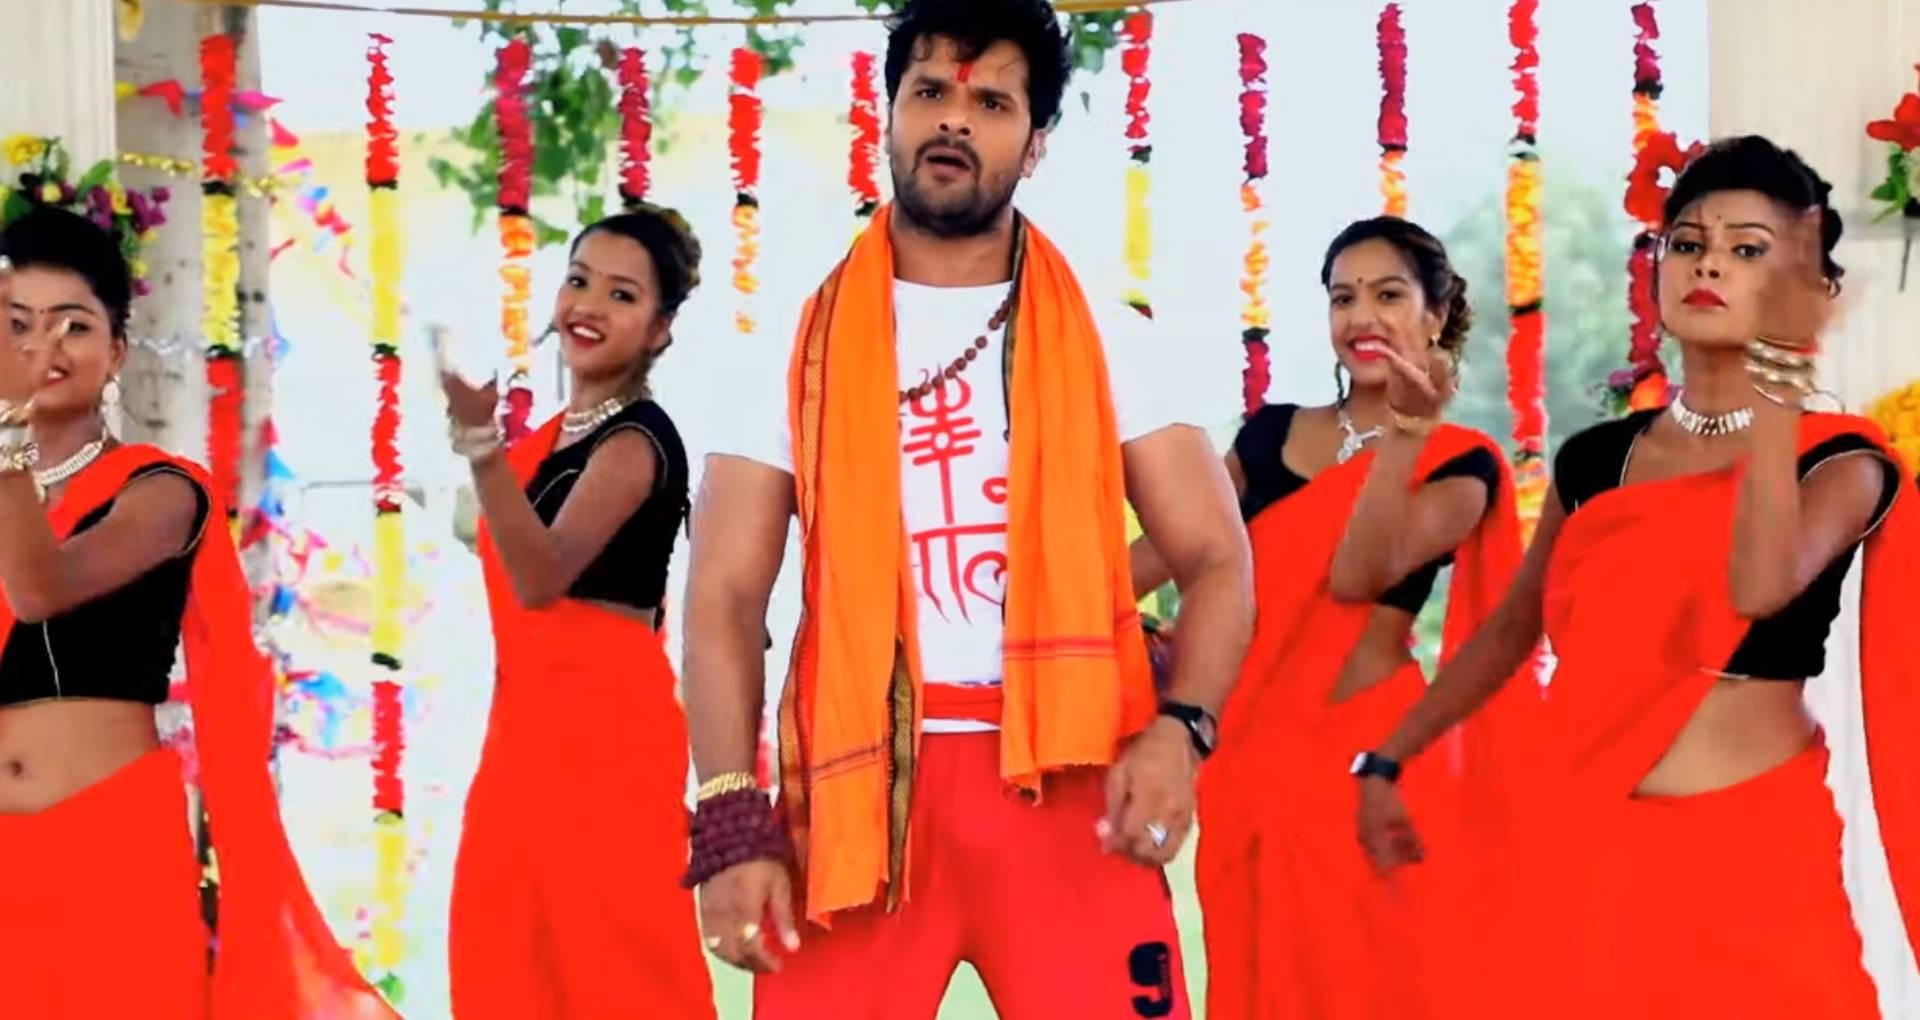 Sawan Me Rajau Naa Aile Song: खेसारी लाल यादव के इस कांवड़ गीत झूम रहे हैं शिवभक्त, देखिए नया बोल बम सॉन्ग